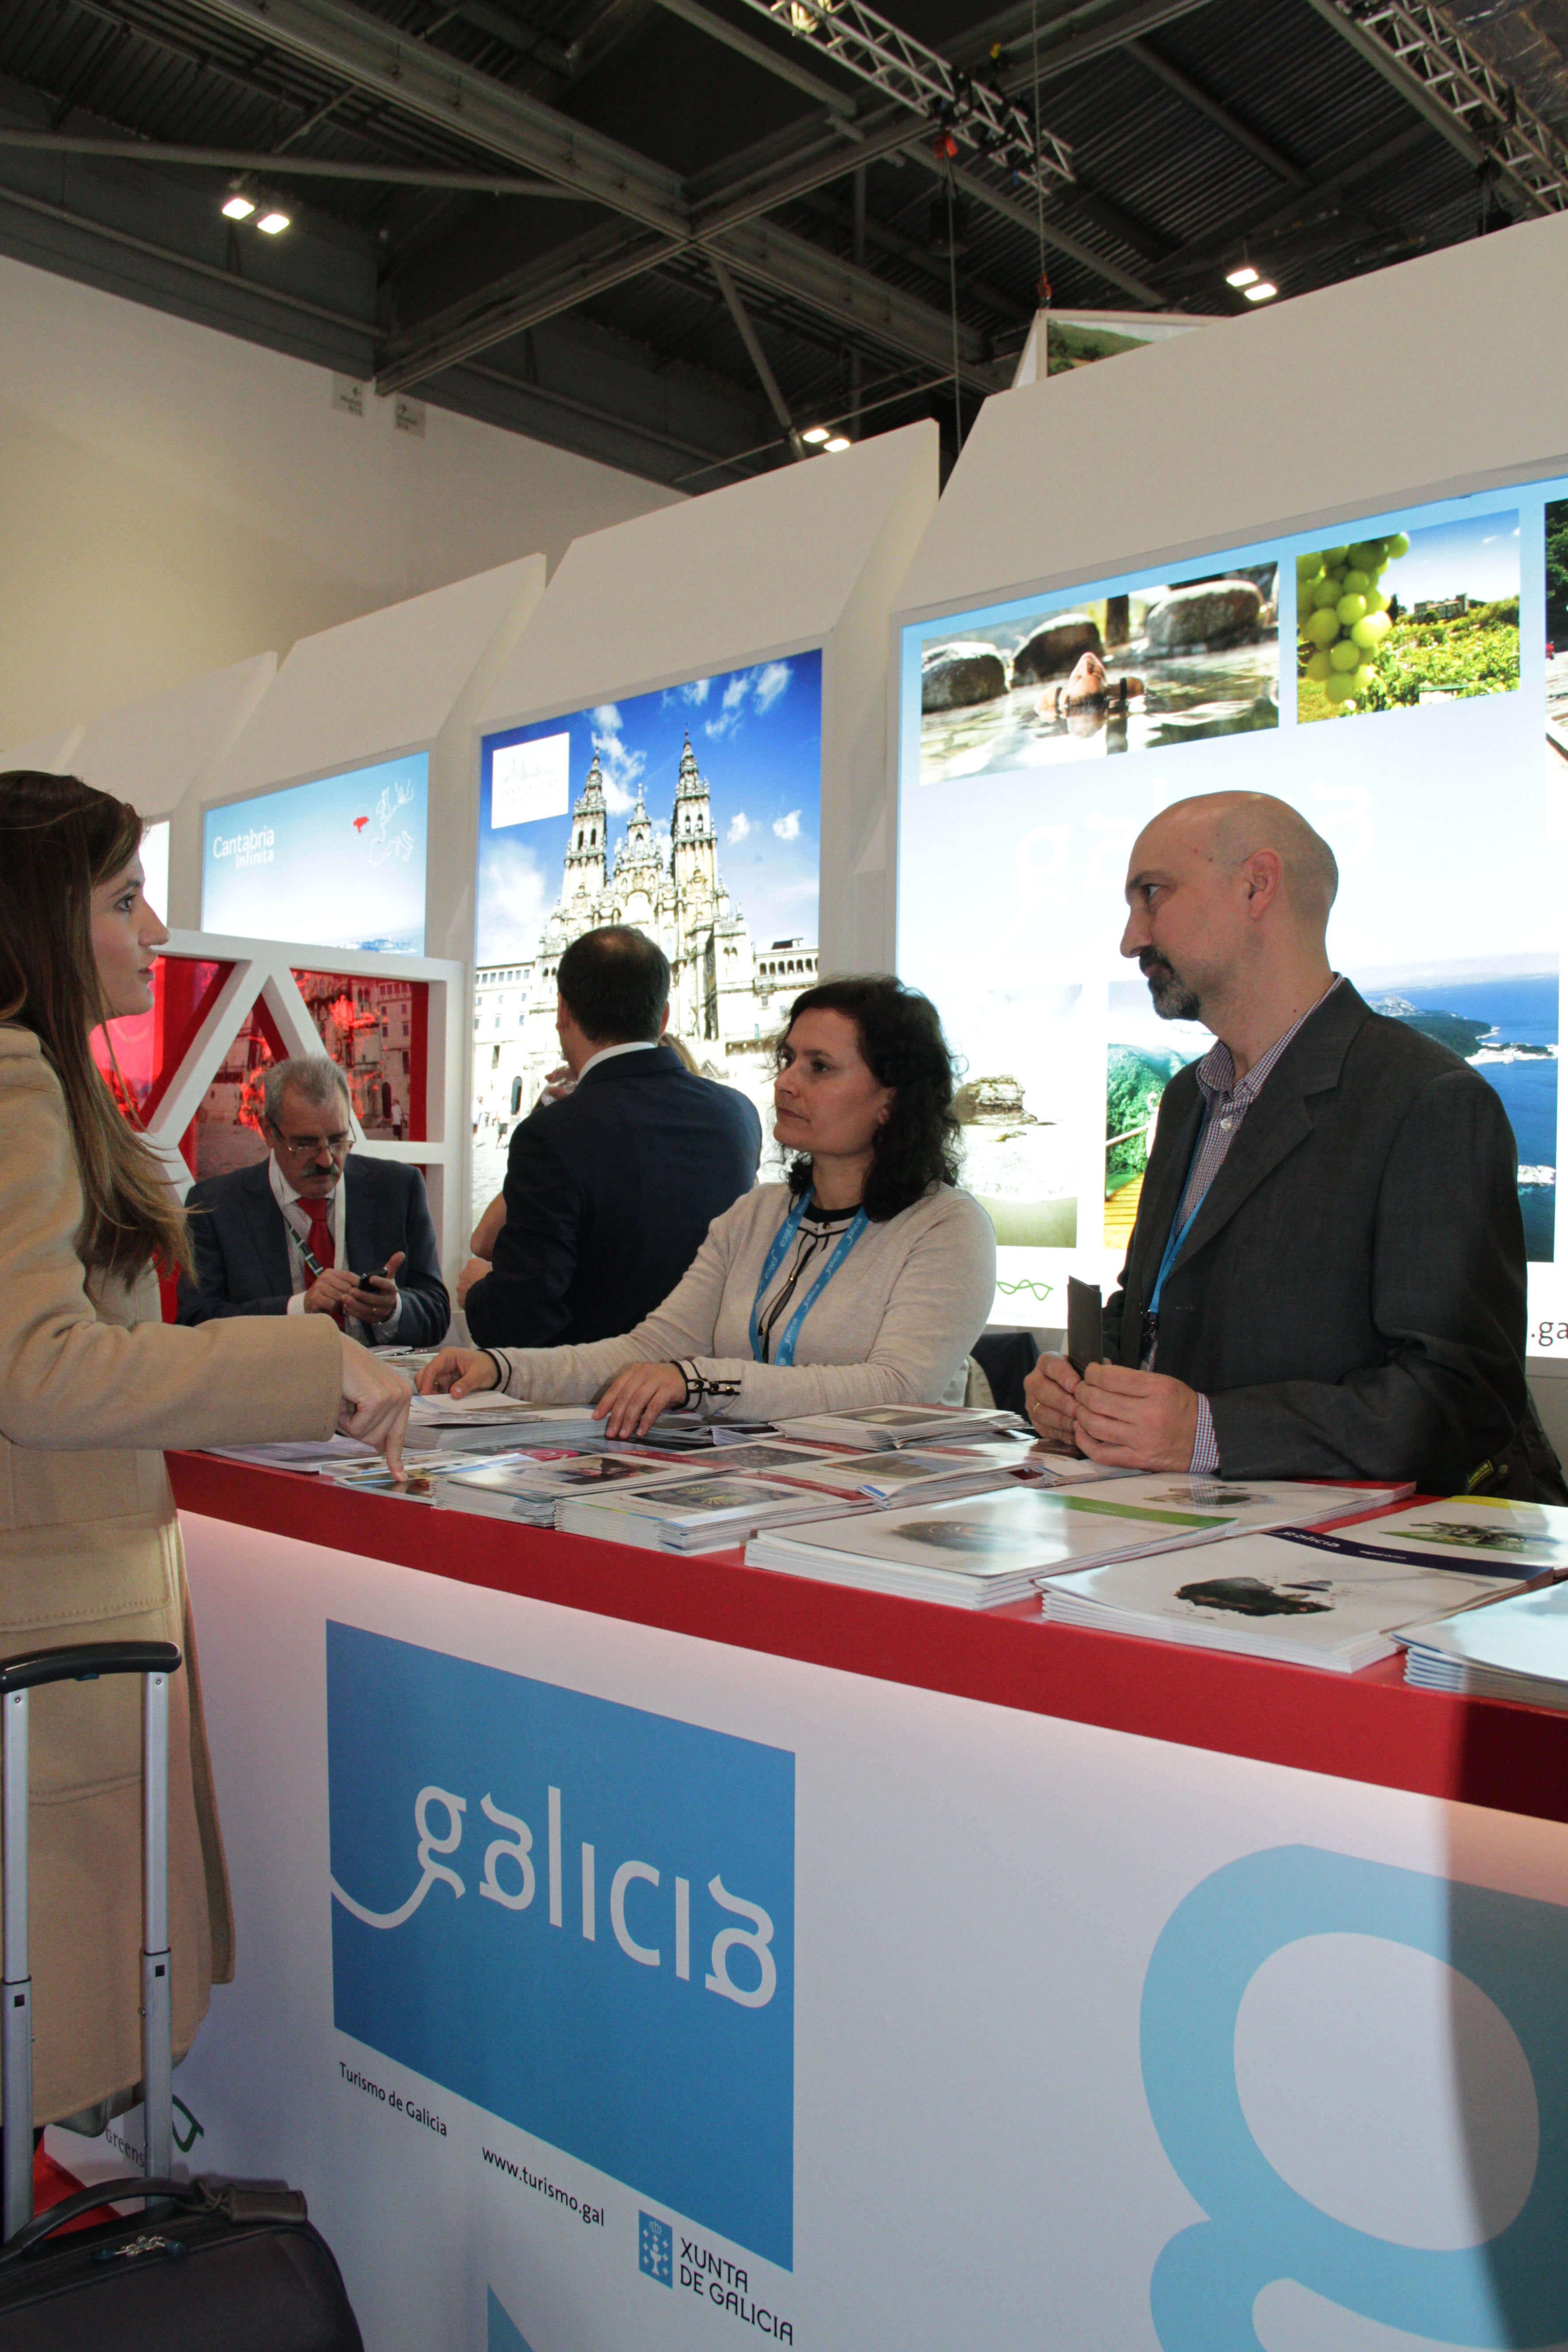 [:es]La oferta turística gallega estará presente en cuatro ferias sectoriales en el mes de septiembreA oferta turística galega estará presente en catro feiras sectoriais no mes de setembroThe Galician tourism will be present in four trade fairs in September